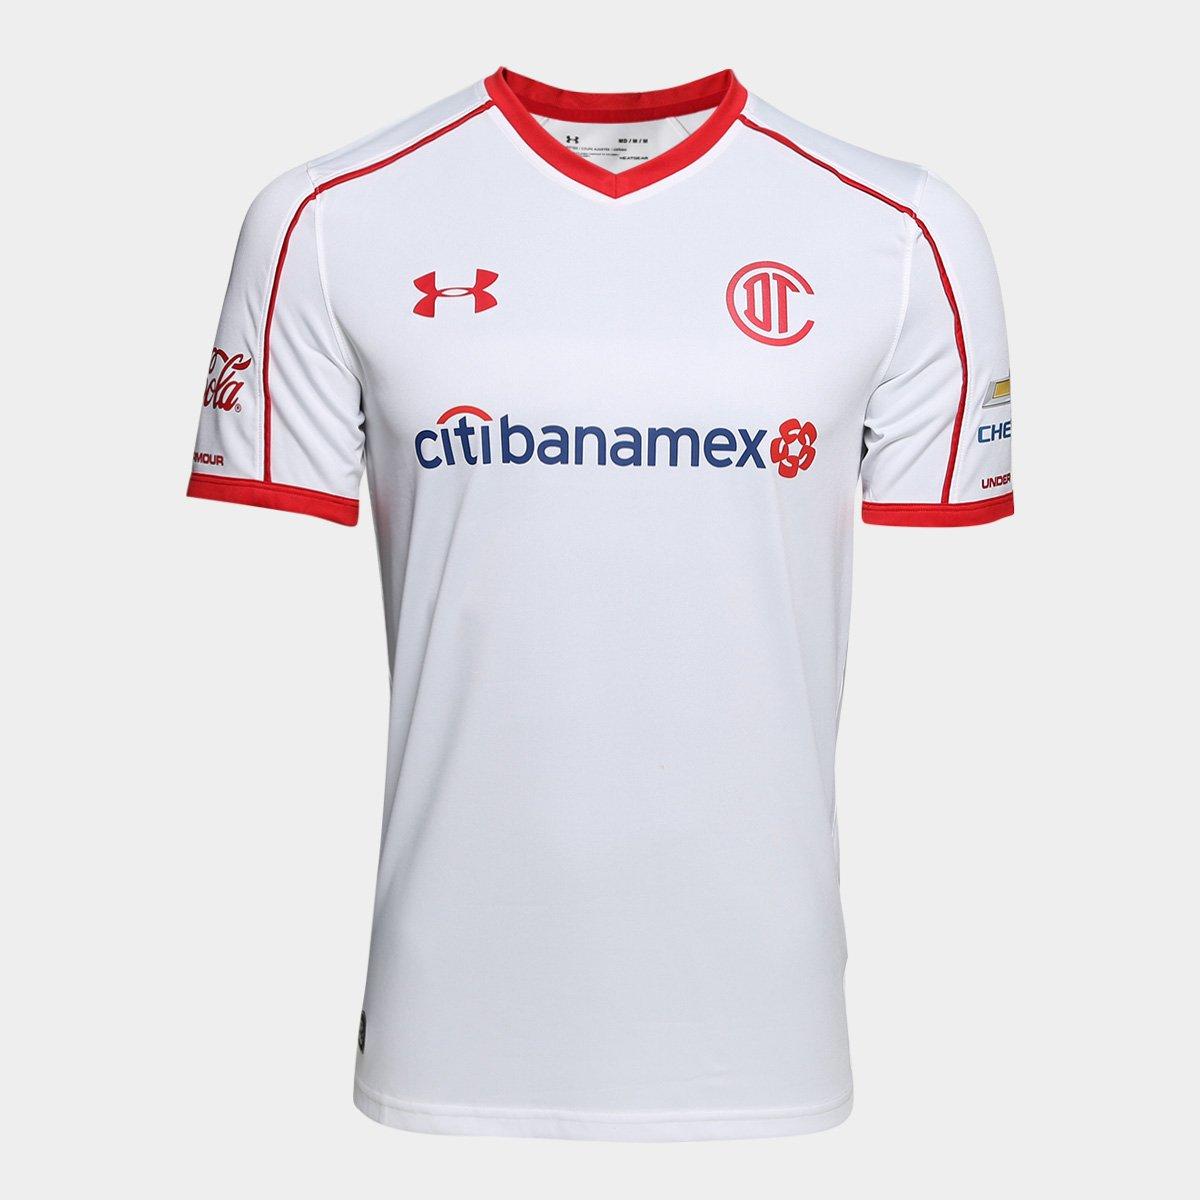 d54c4ecd21 Camisa Toluca Away 17 18 s n° - Torcedor Under Armour Masculina